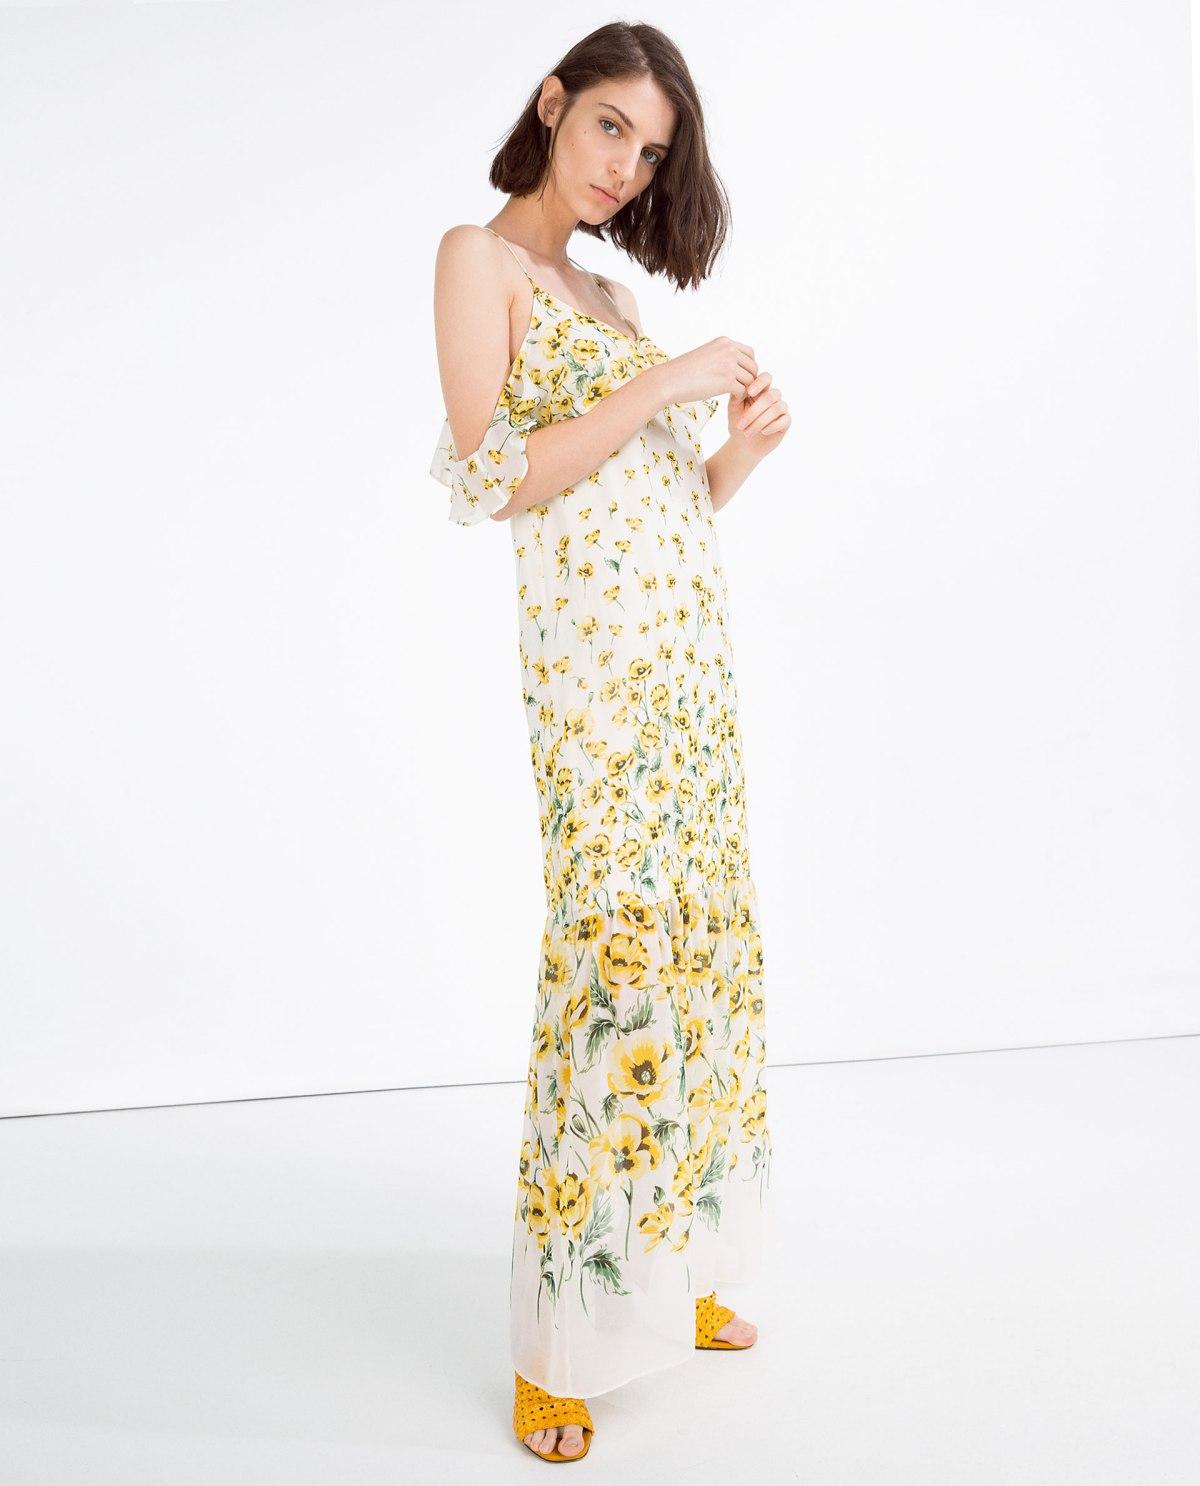 maxi dress zara flores amarillas www.decharcoencharco.com